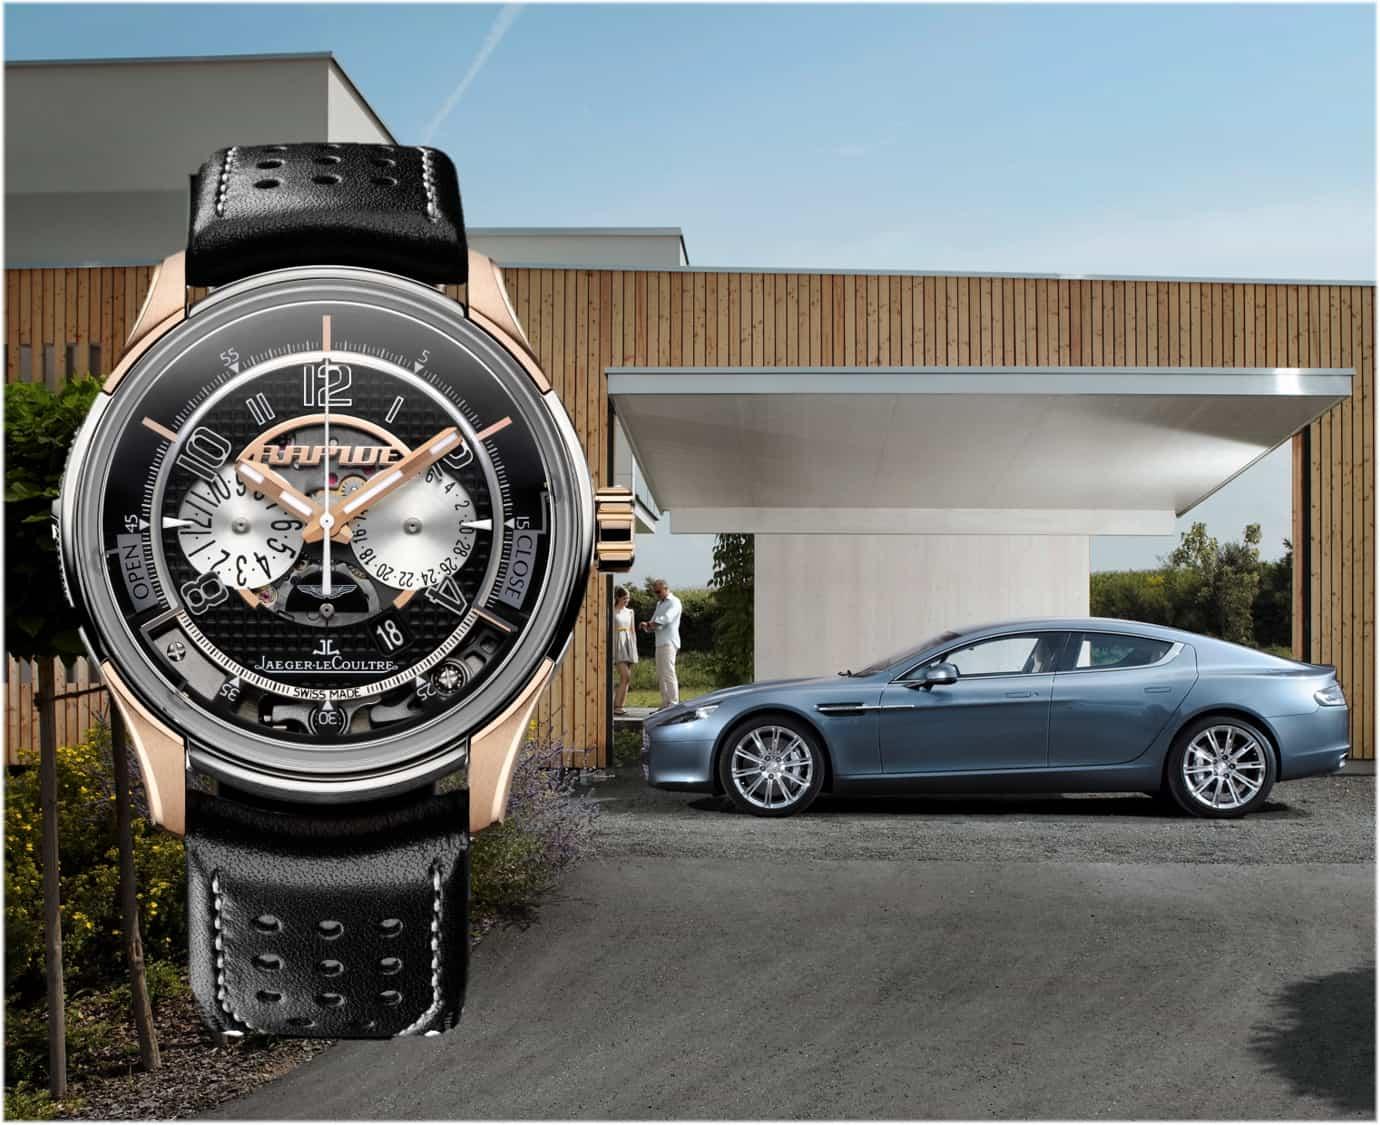 Uhrenpartner Modell Jaeger-LeCoultre AMVOX Aston Martin Rapide Transponder